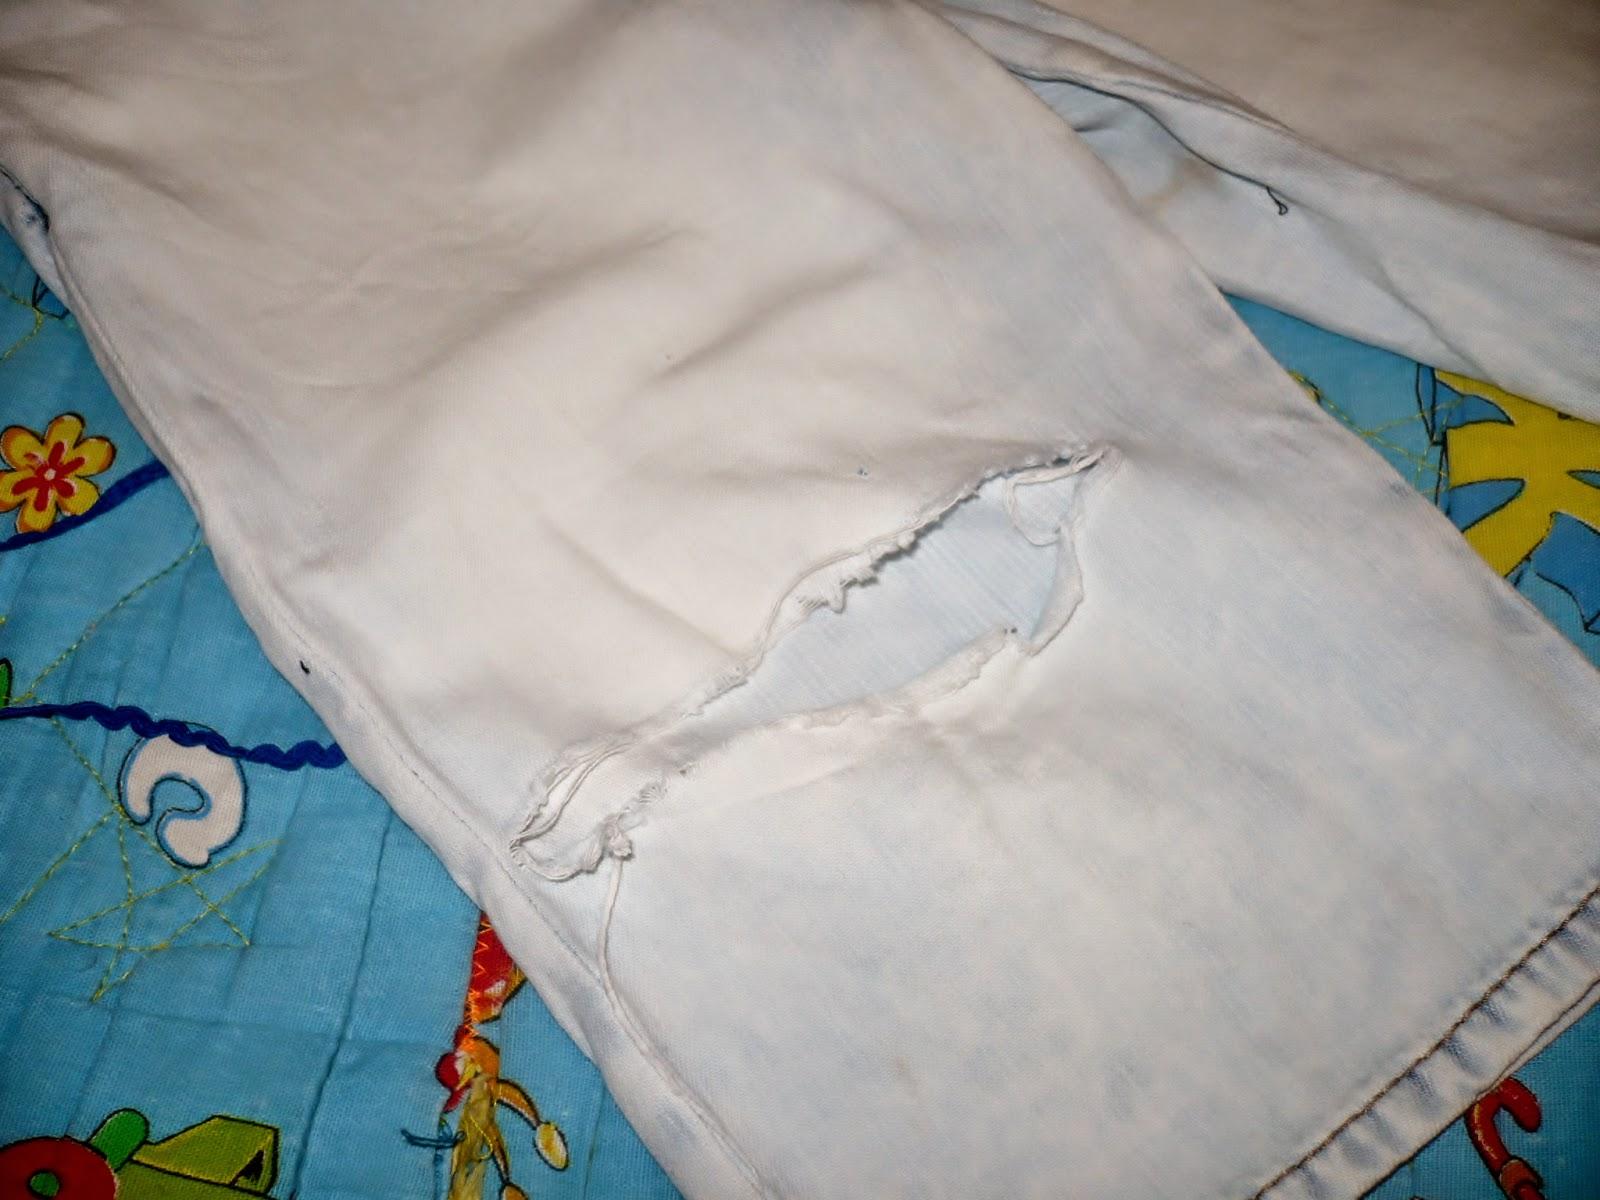 джинсы порваны